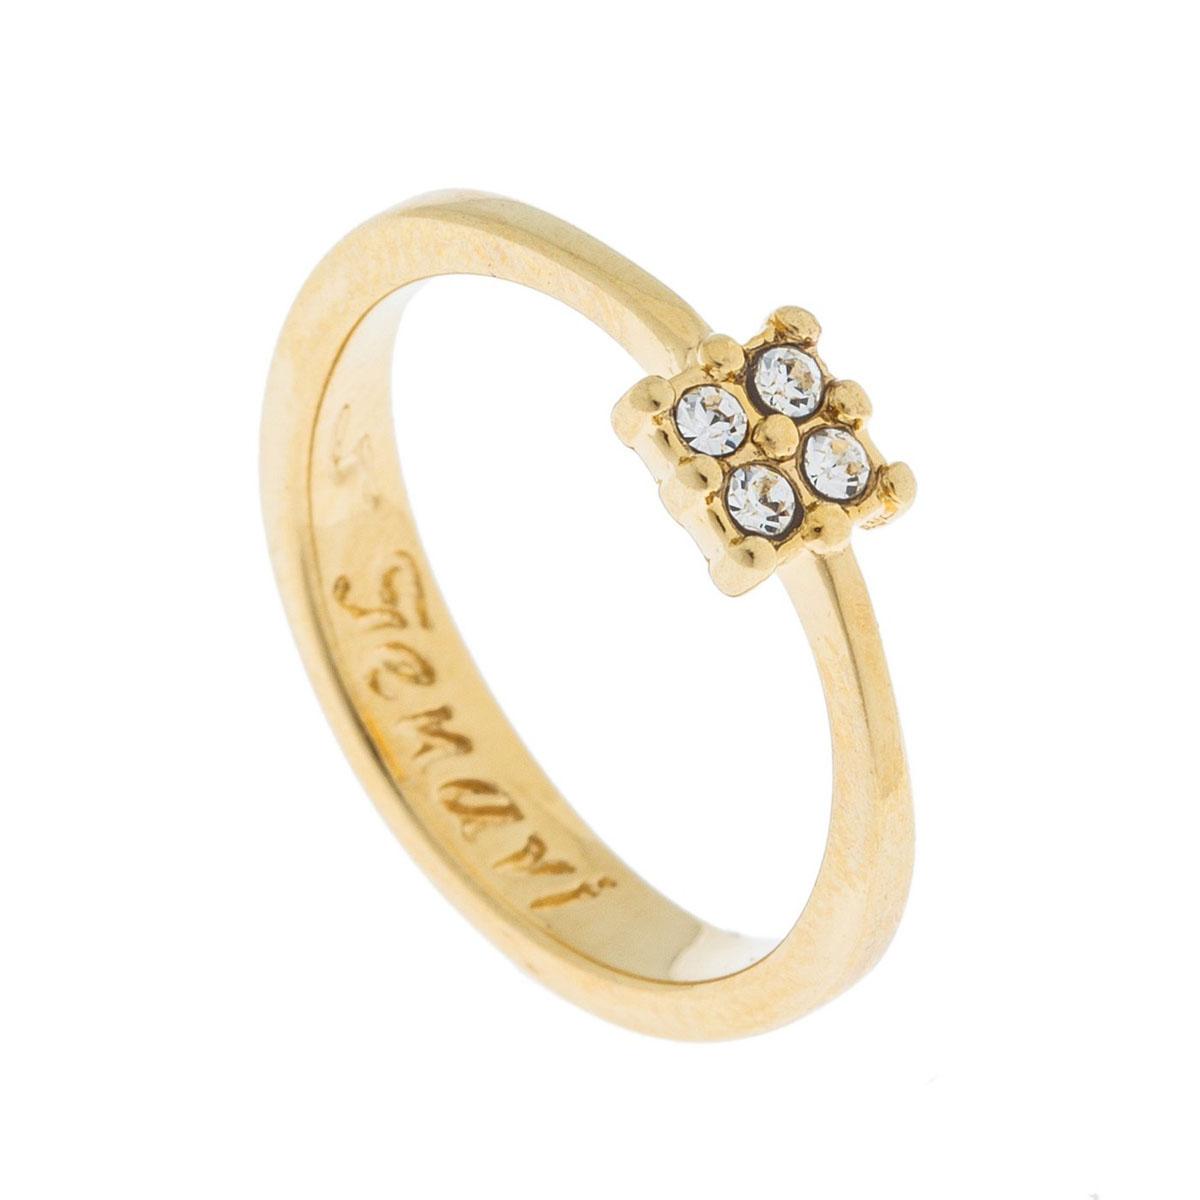 Кольцо Jenavi Экс, цвет: золотой, белый. k491p000. Размер 16k491p000Коллекция Э, Экс (Кольцо) гипоаллергенный ювелирный сплав,Позолота, вставка Кристаллы Swarovski